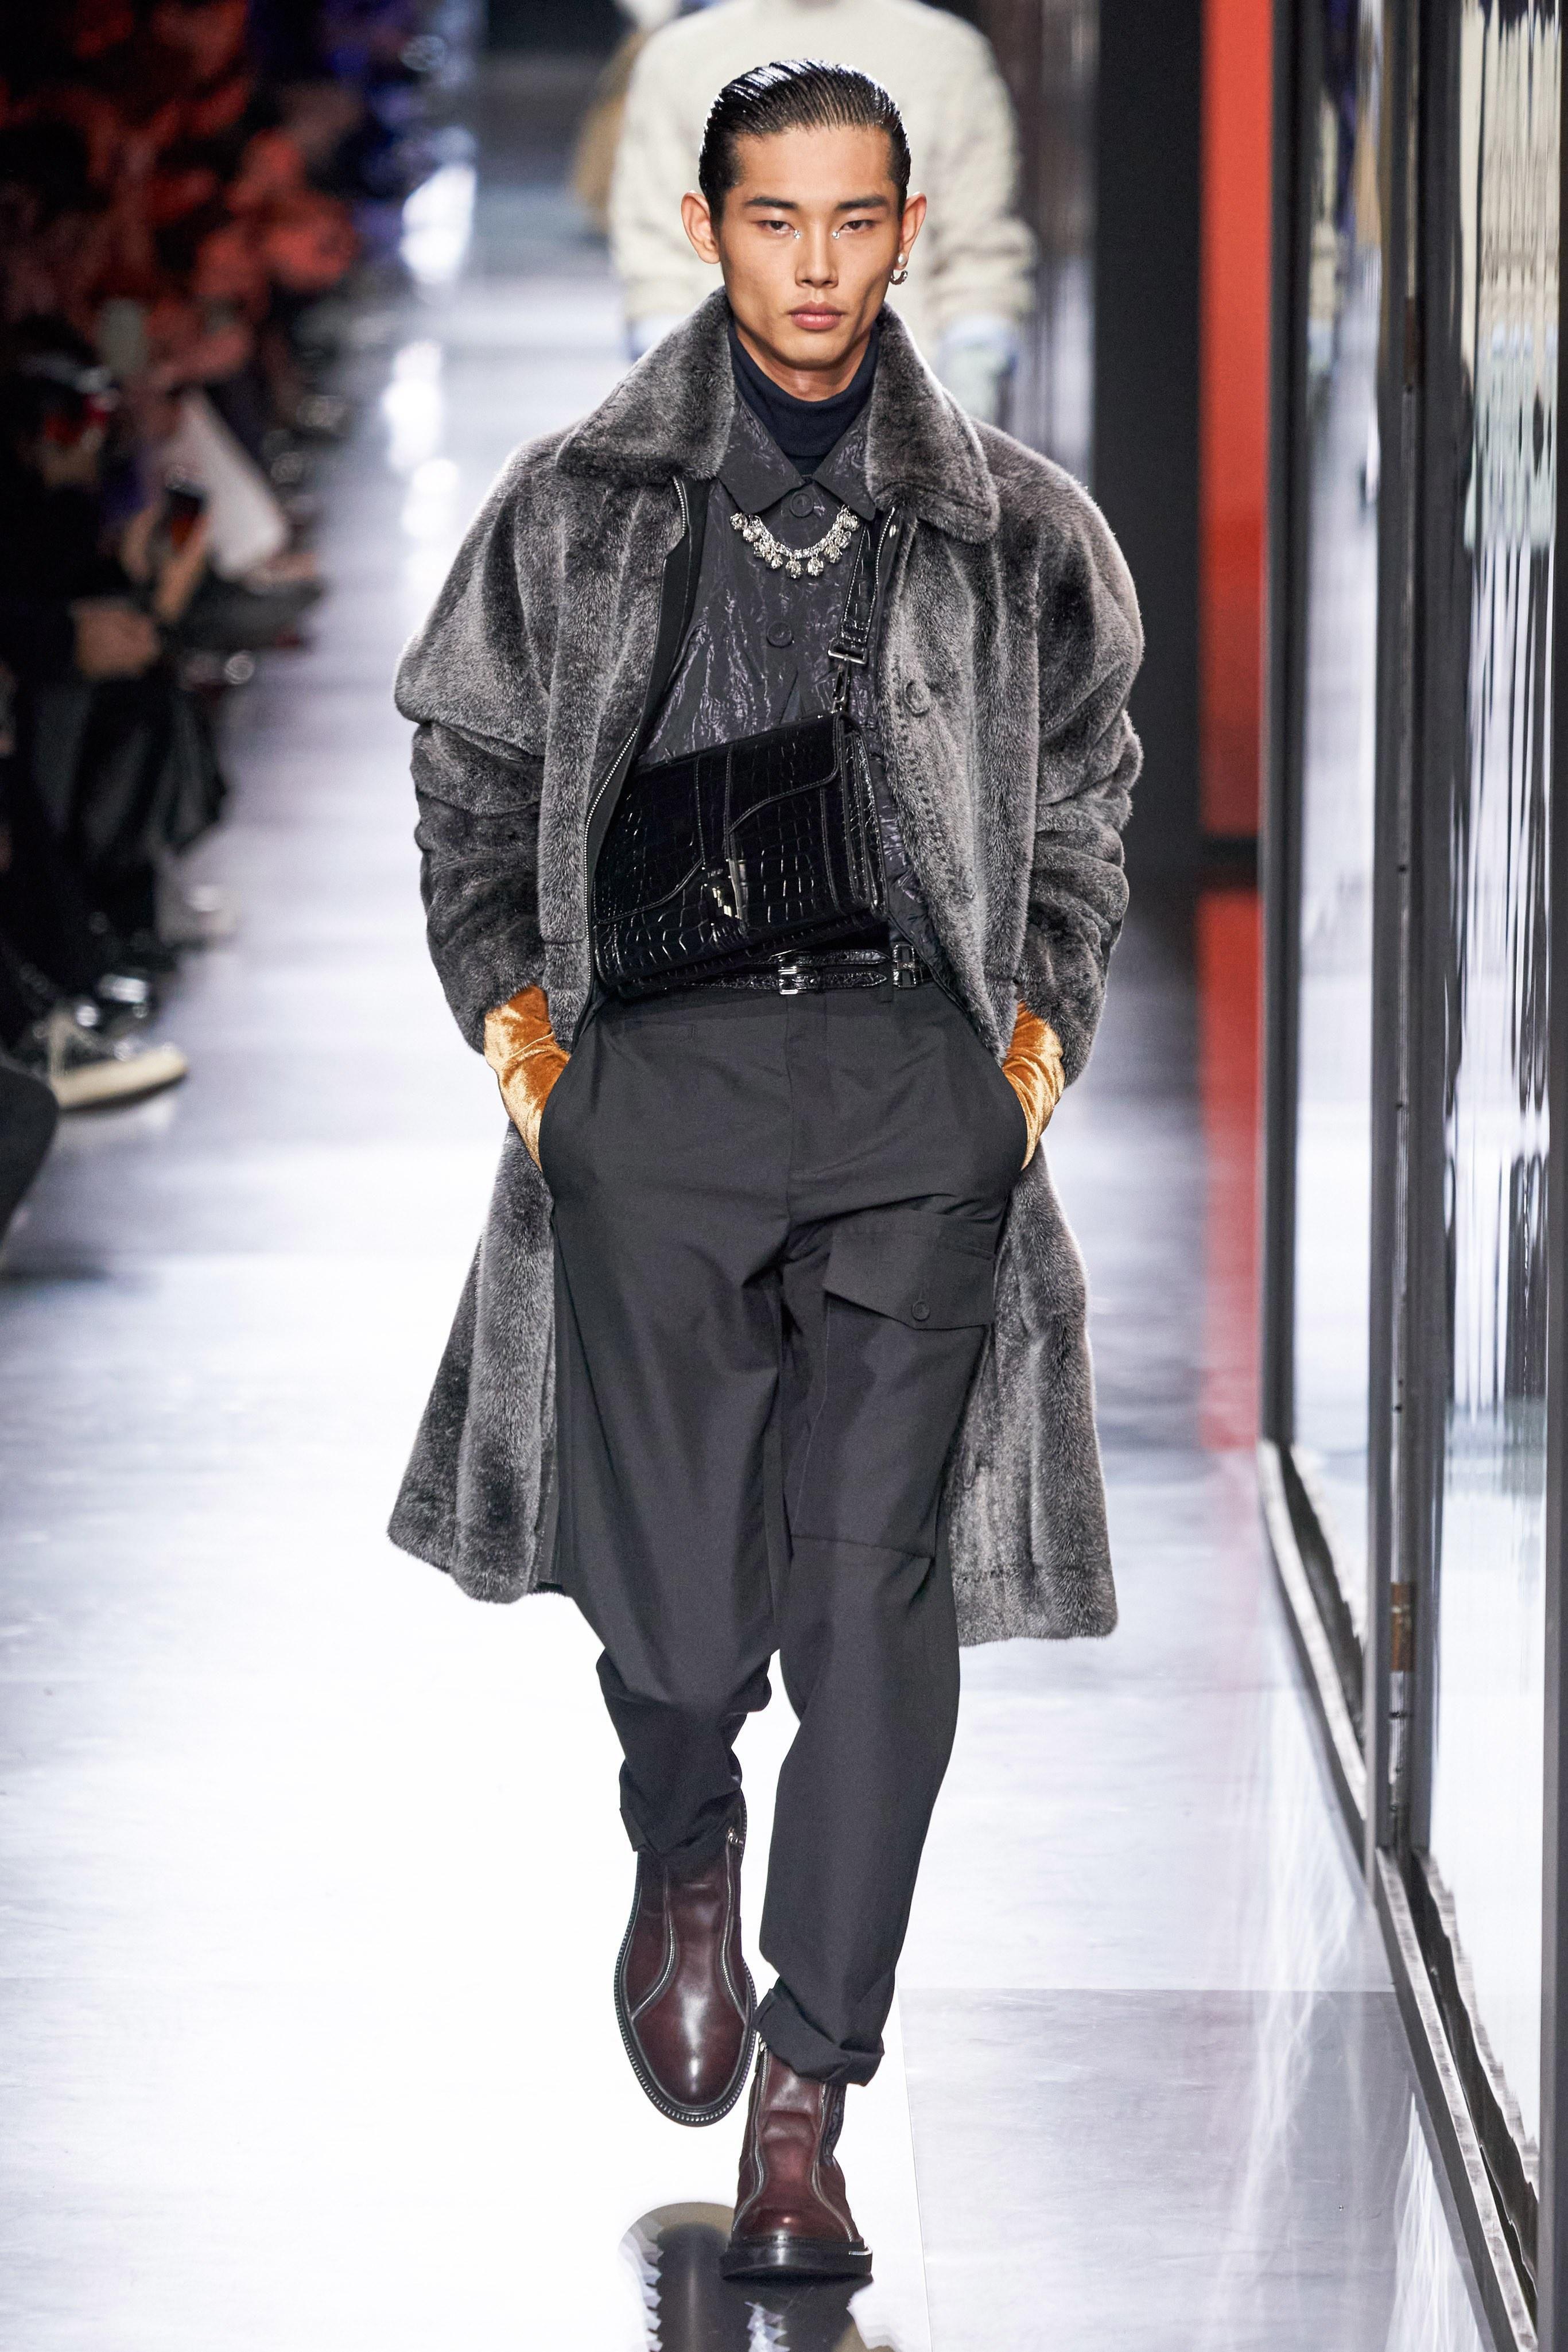 Áo khoác hoa, găng tay dài - Dior nâng thời trang nam lên tầm cao mới Ảnh 13